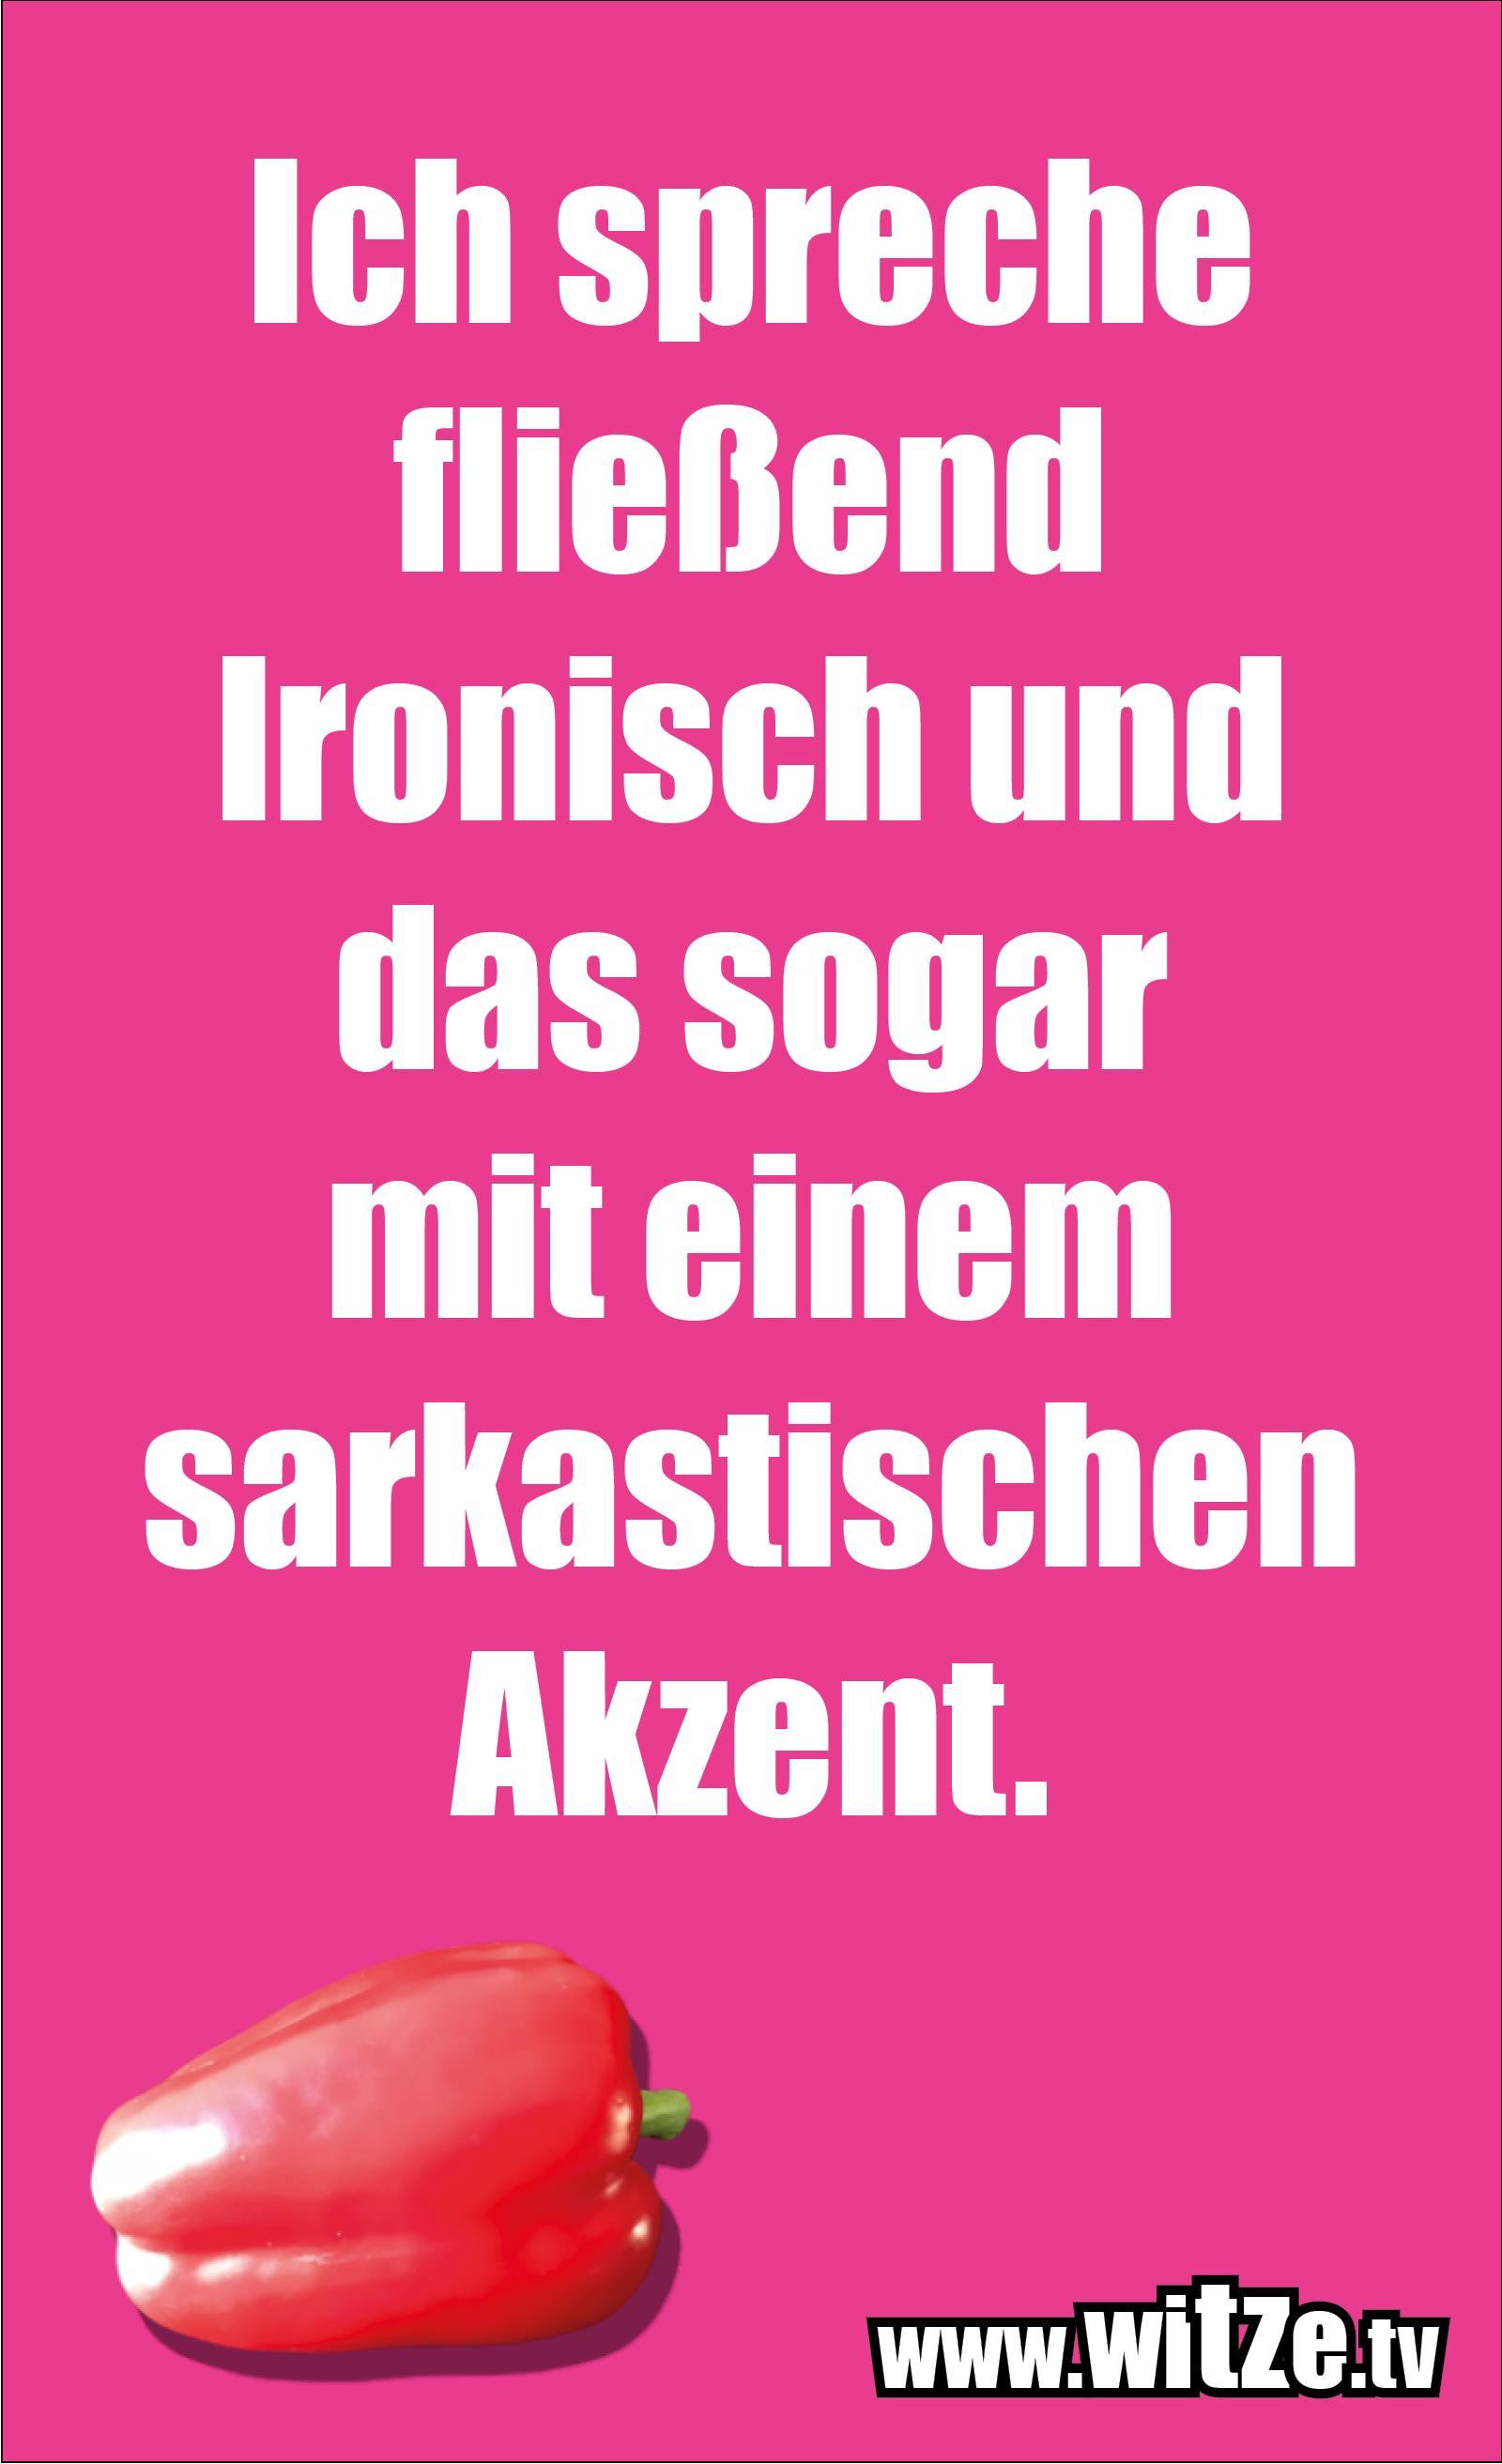 Sarkasmus Sprüche: Ich spreche fließend Ironisch und das sogar mit einem sarkastischen Akzent.